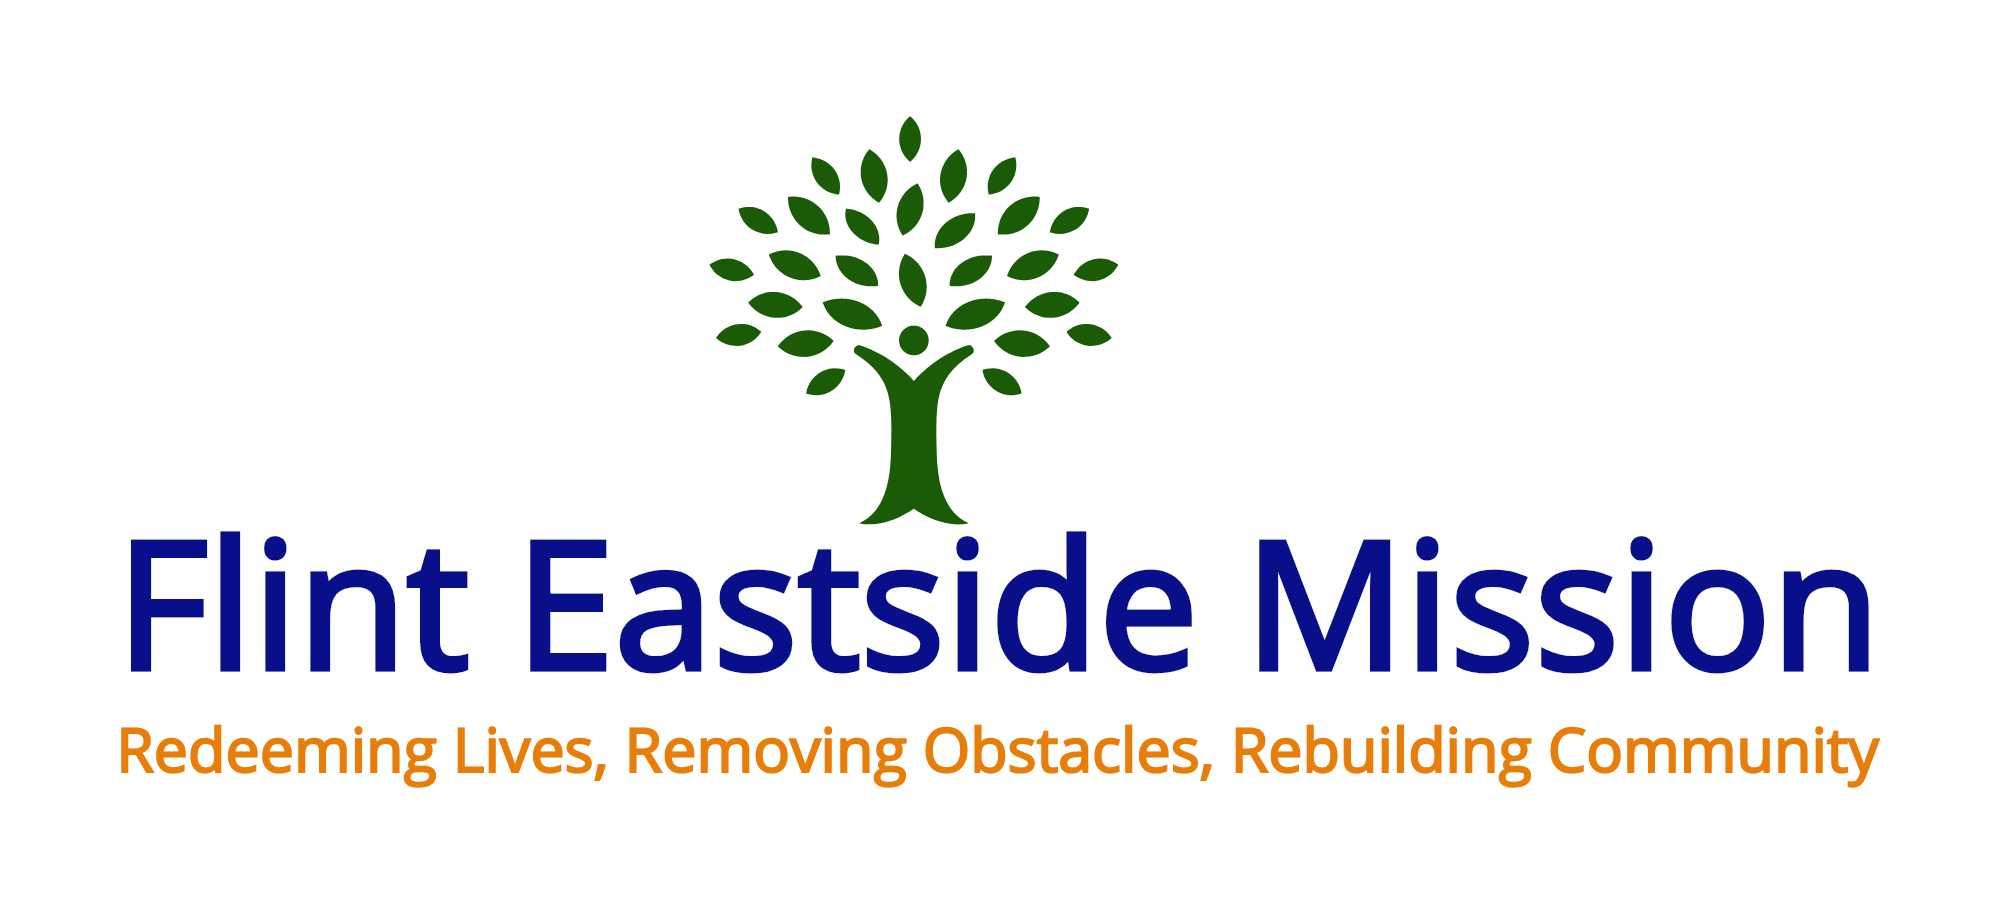 Flint Eastside Mission